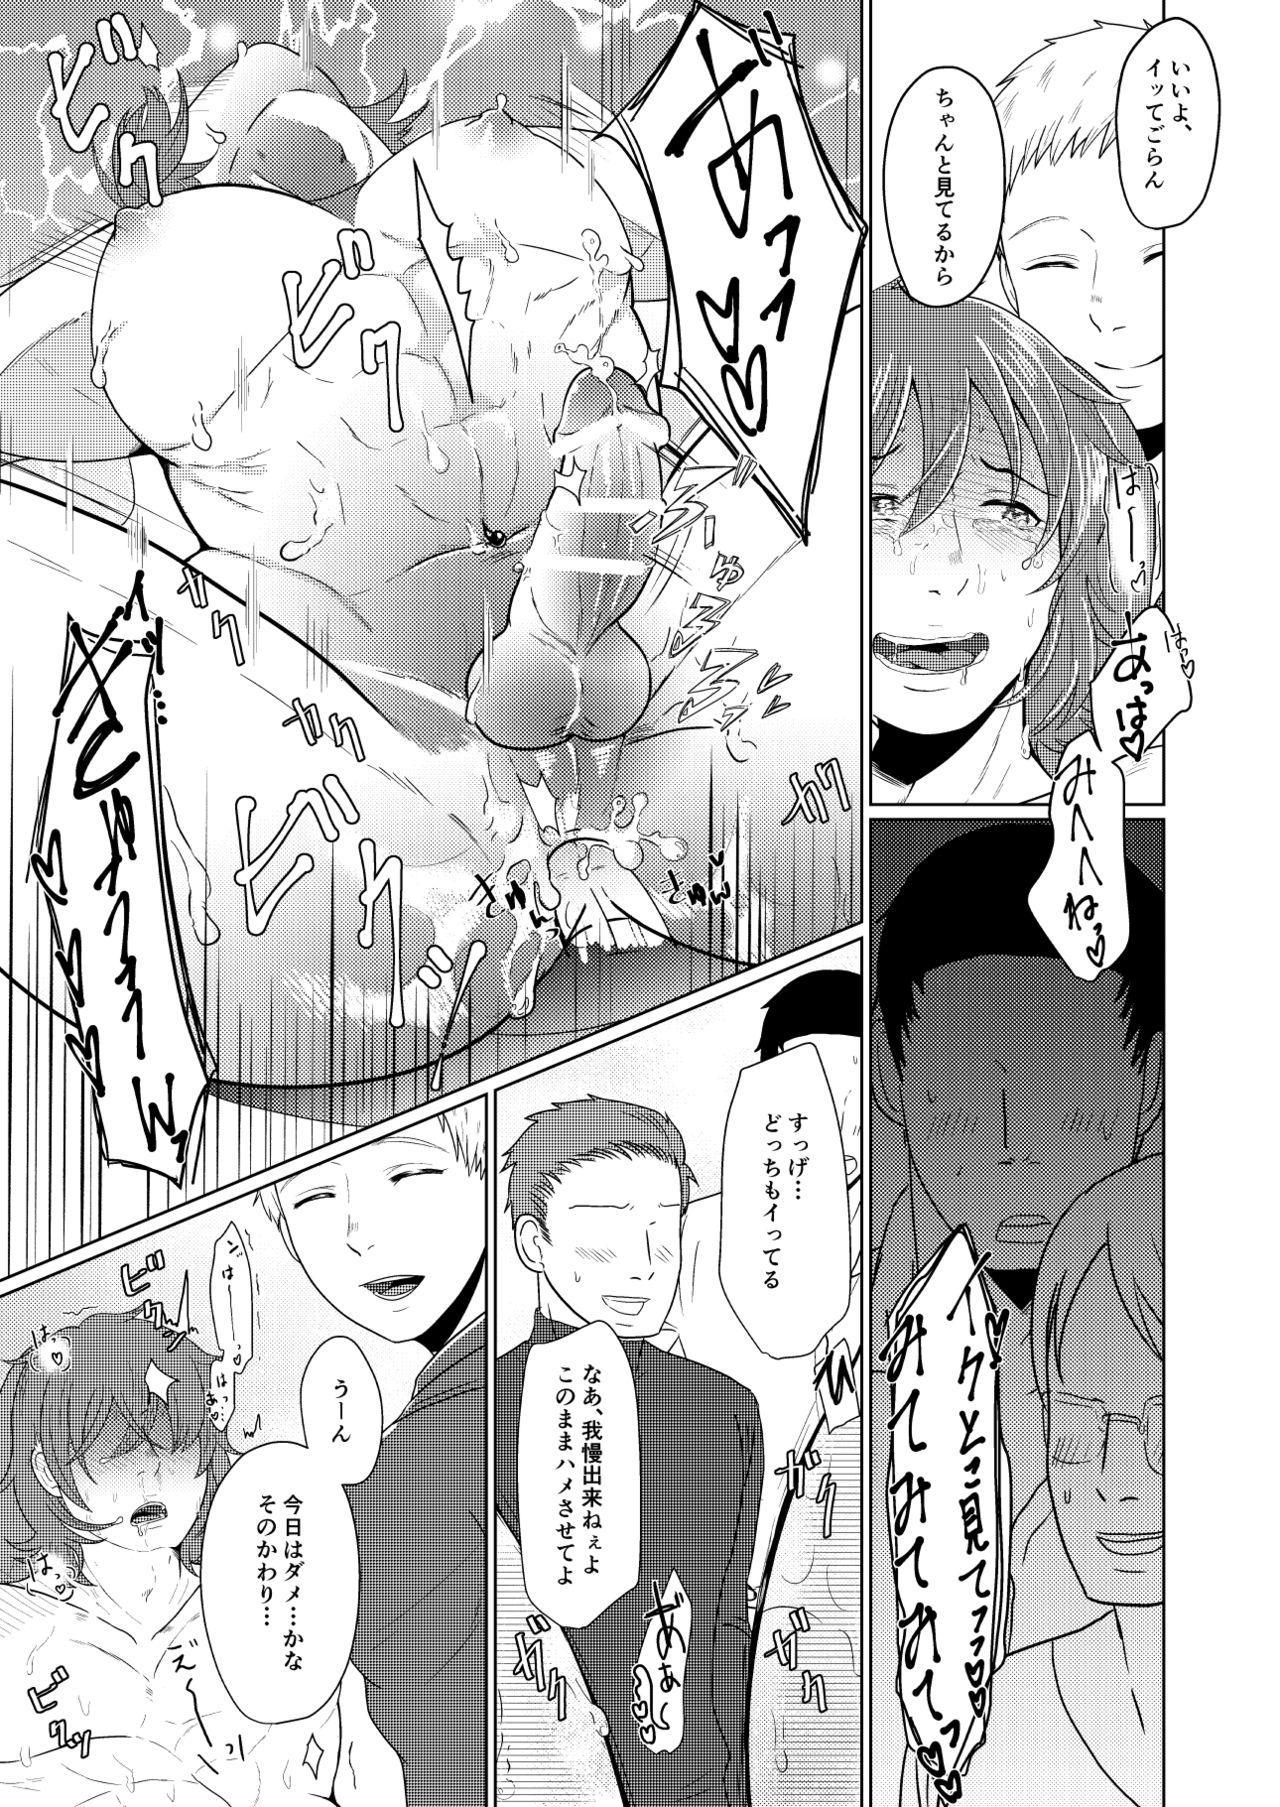 SM調教漫画⑤公開調編+α 13